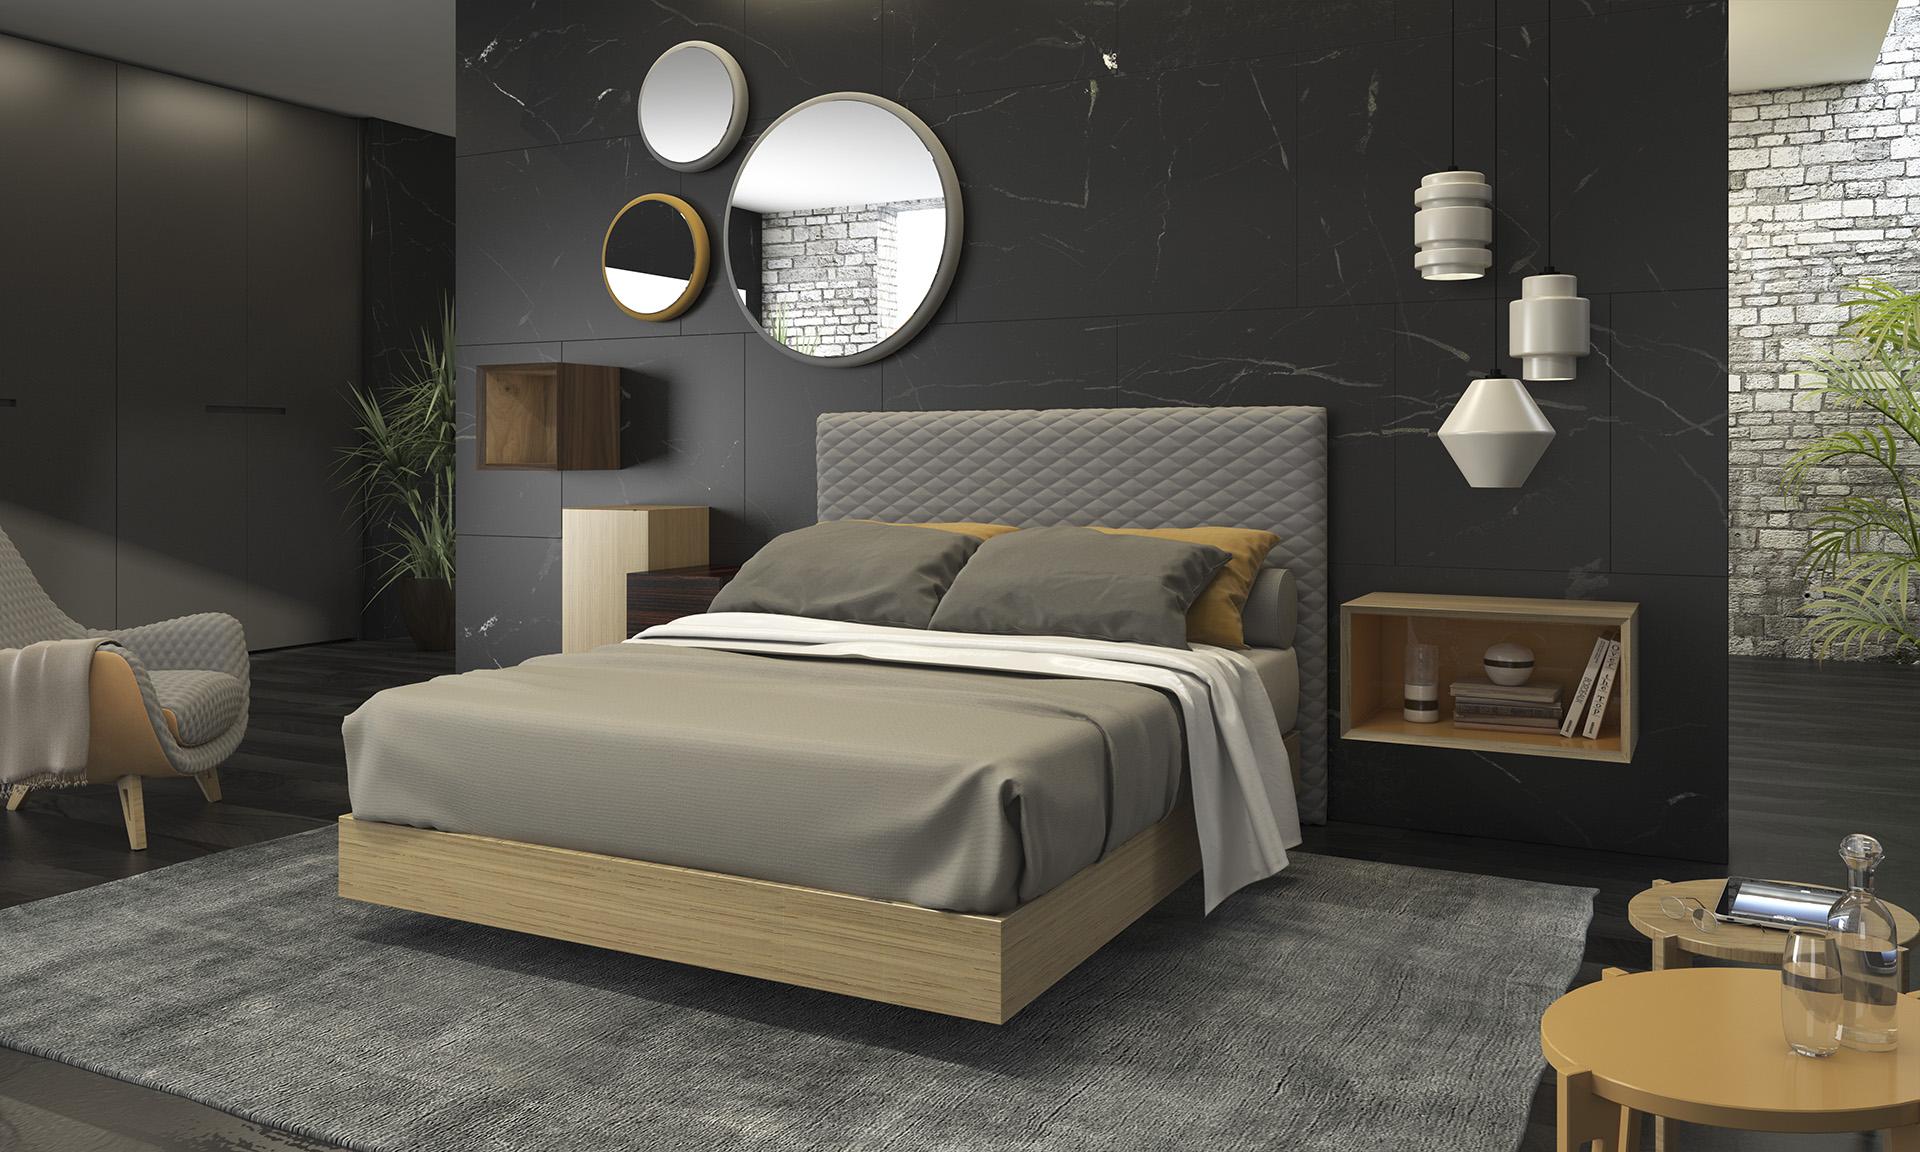 dormitorio moderno abbiamo360